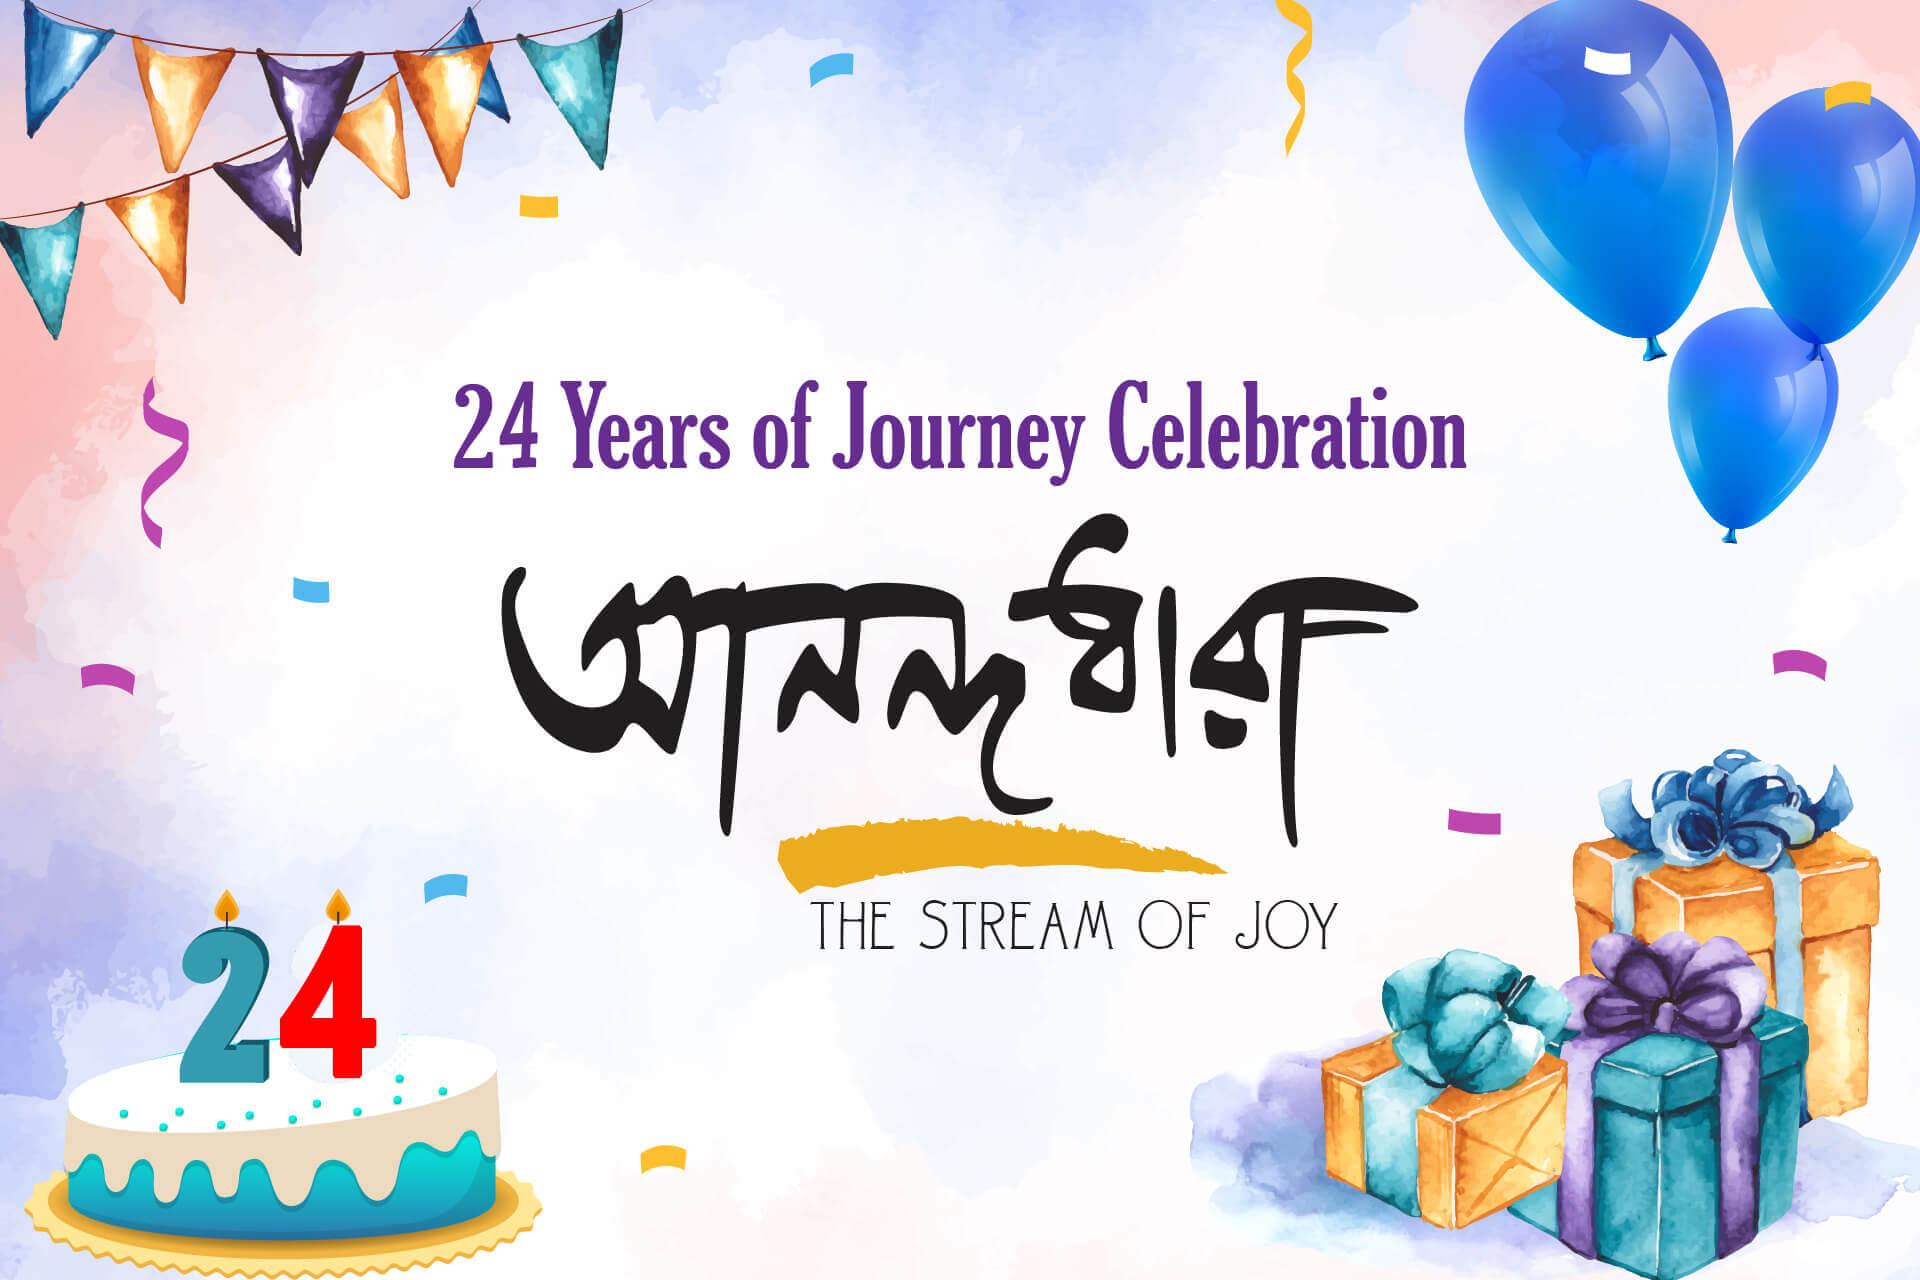 24 year journey